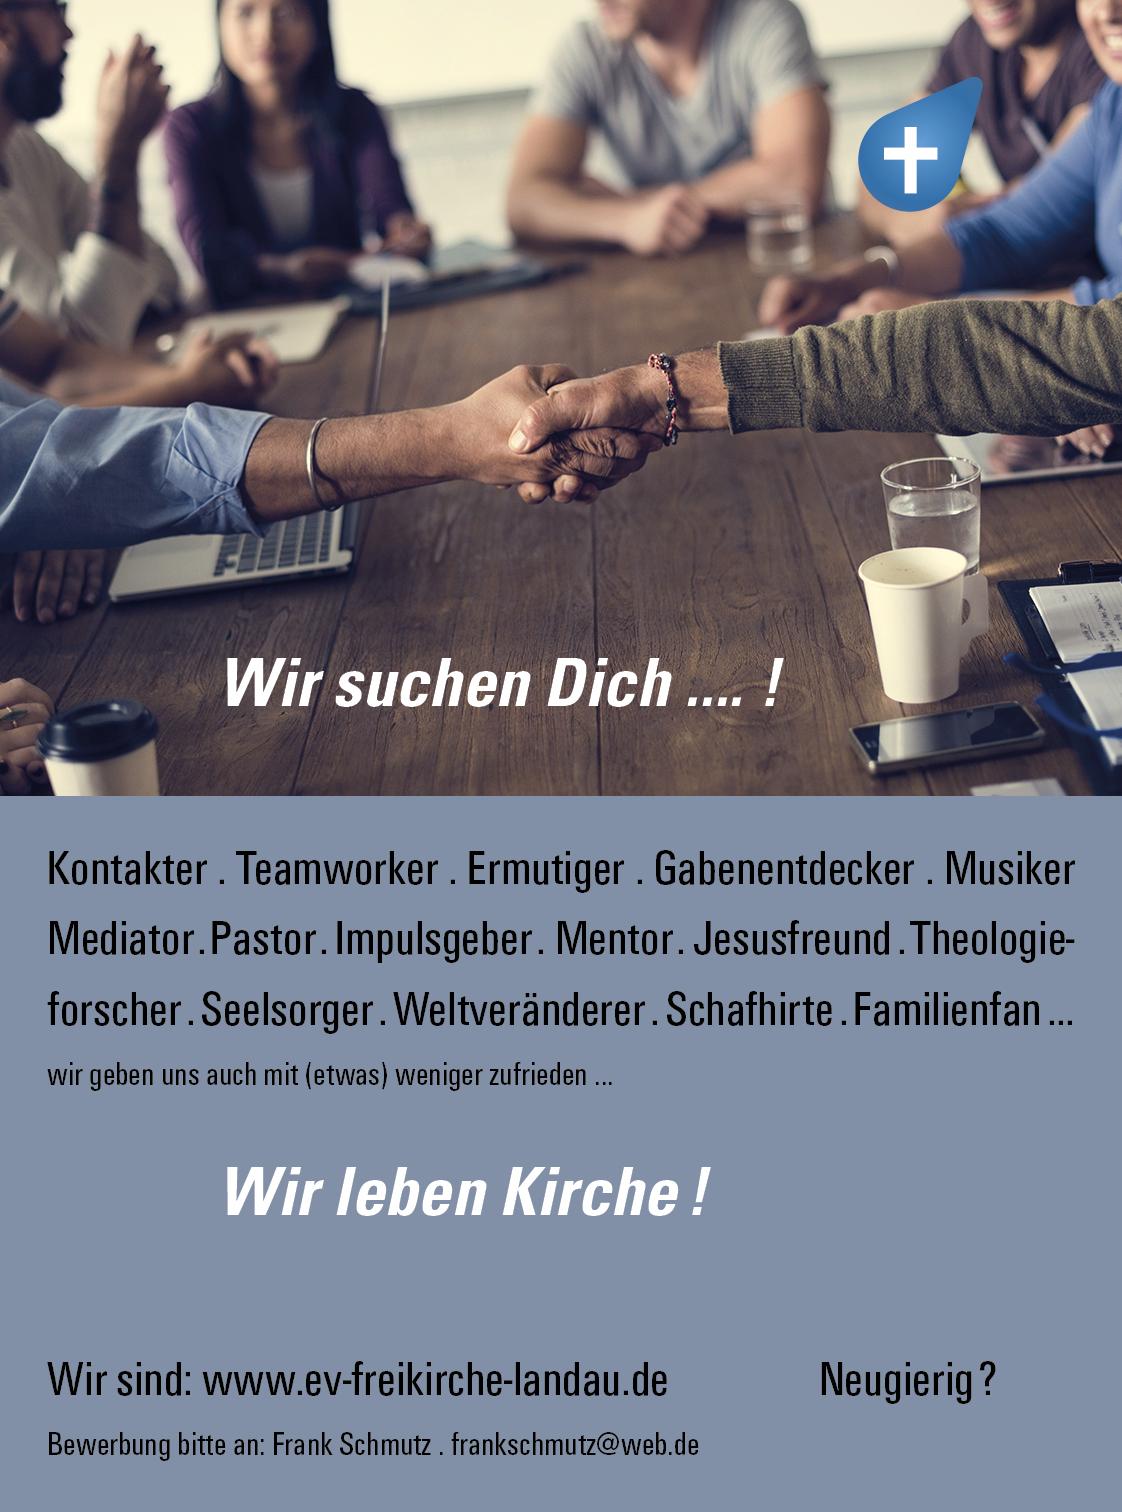 https://www.ev-freikirche-landau.de/wp-content/uploads/2018/11/Stellen-AZ-Pastor-Ev-Freikirche-LAN-11-2018.jpg